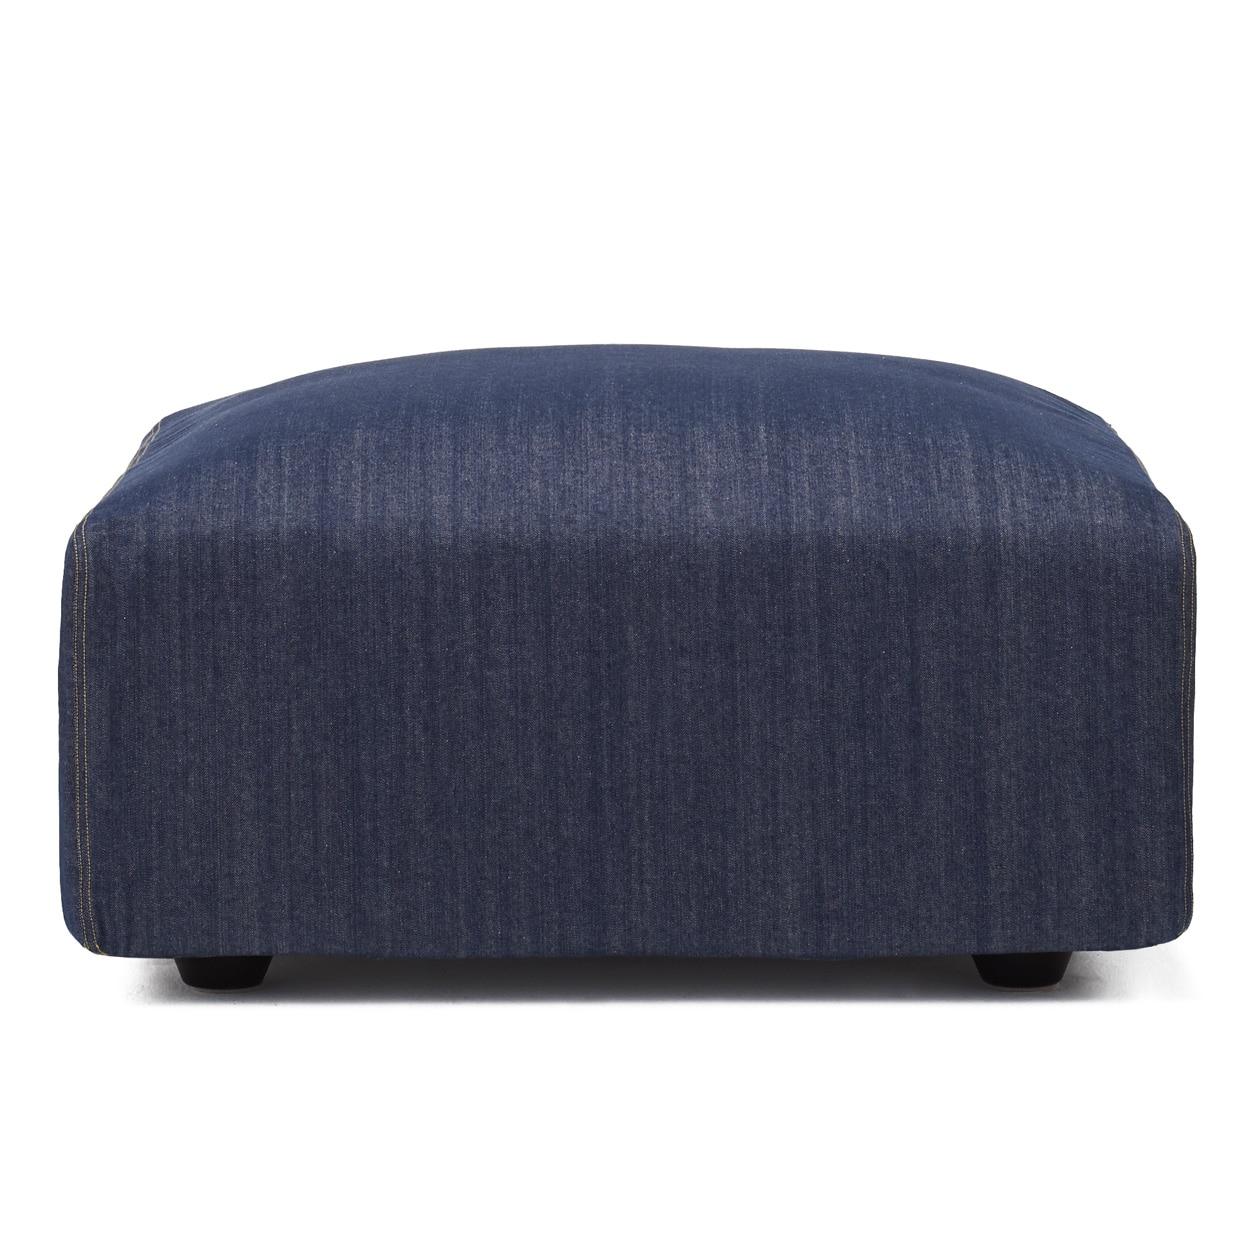 綿デニムユニットソファオットマン・大・幅77cm用カバー/ブルー